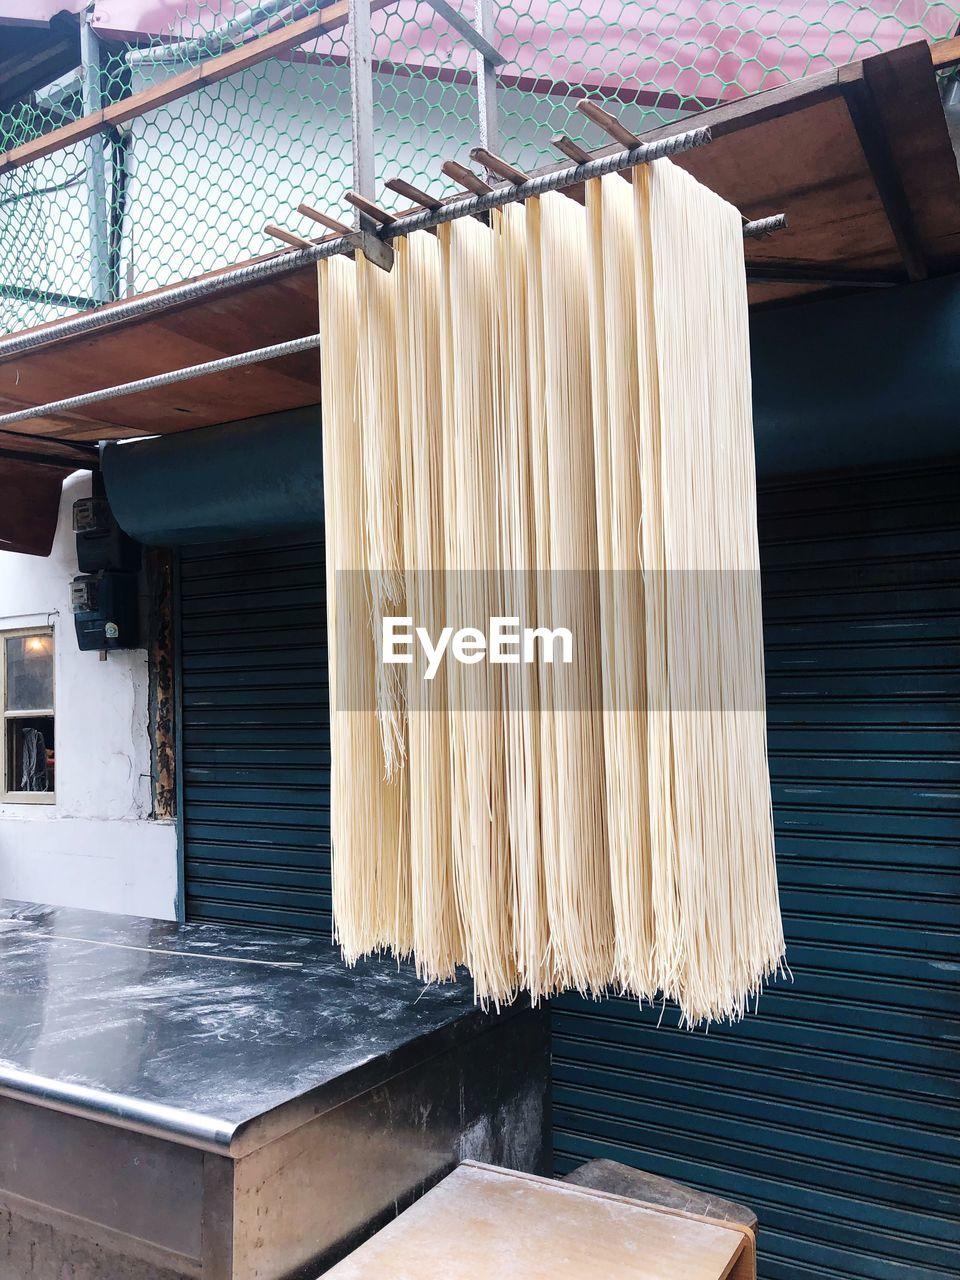 Noodles hanging on rod